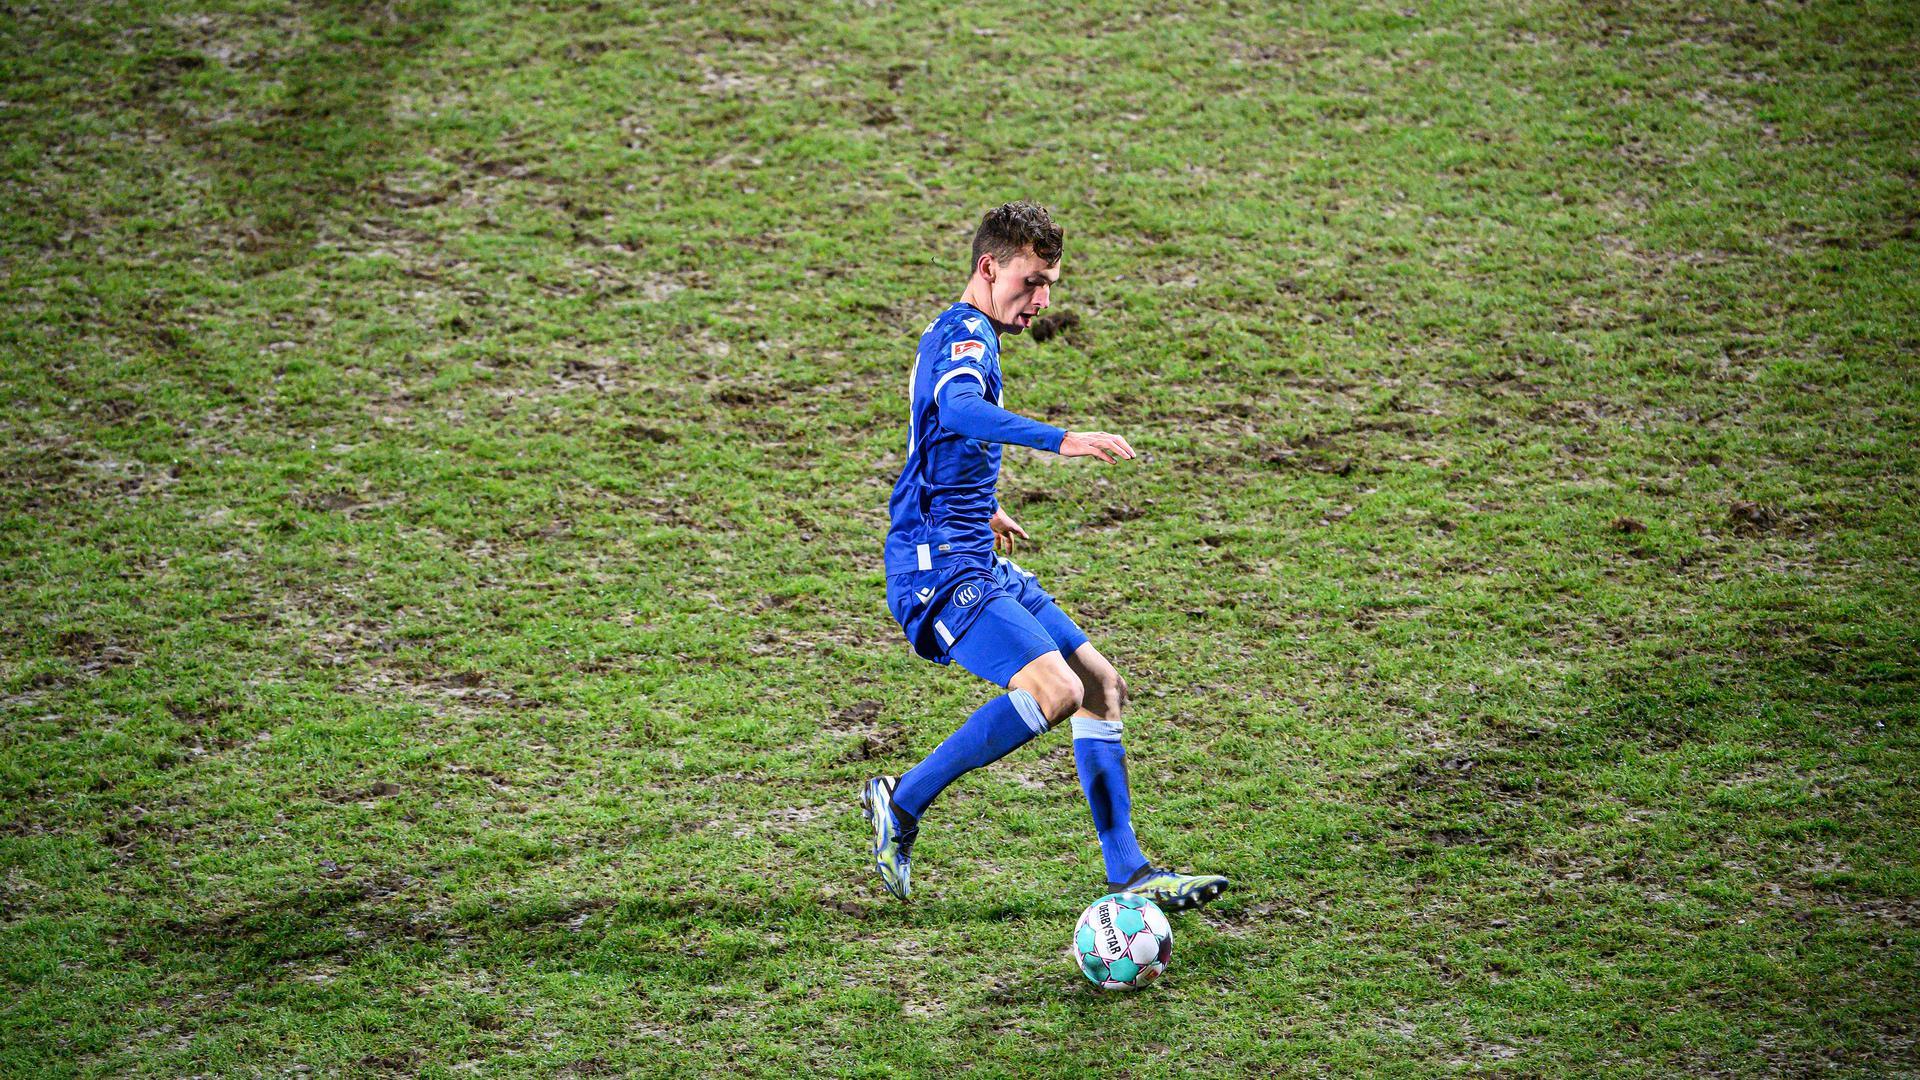 Rasen in schlechtem Zustand: KSC-Profi Benjamin Goller bemüht sich im Heimspiel gegen Hannover 96 um Ballkontrolle.